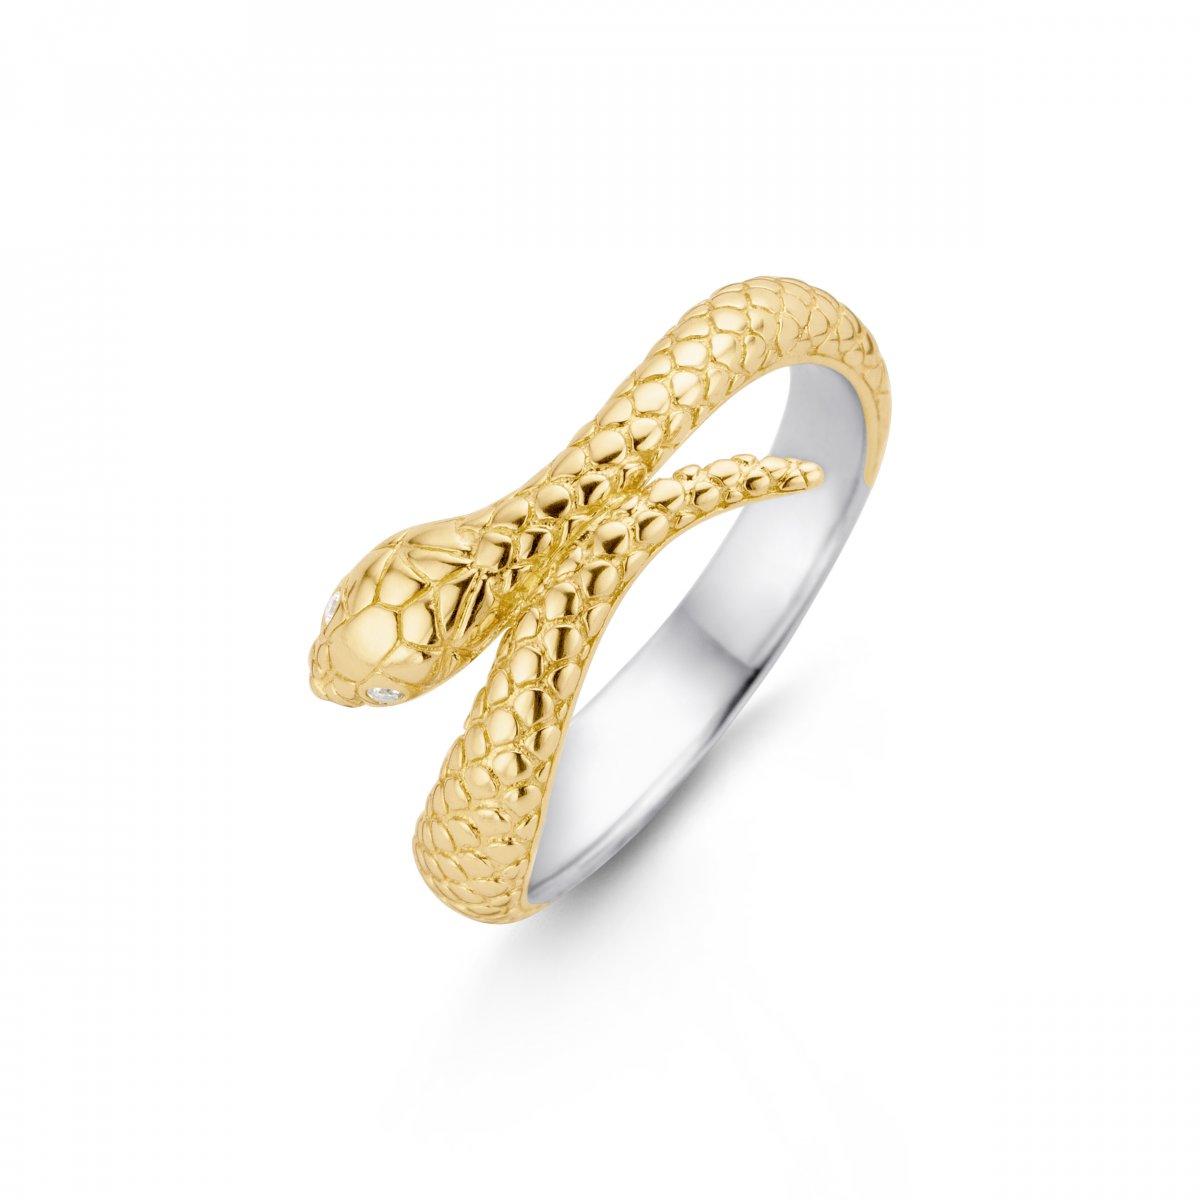 Prsteň TI SENTO s hadím vzorom